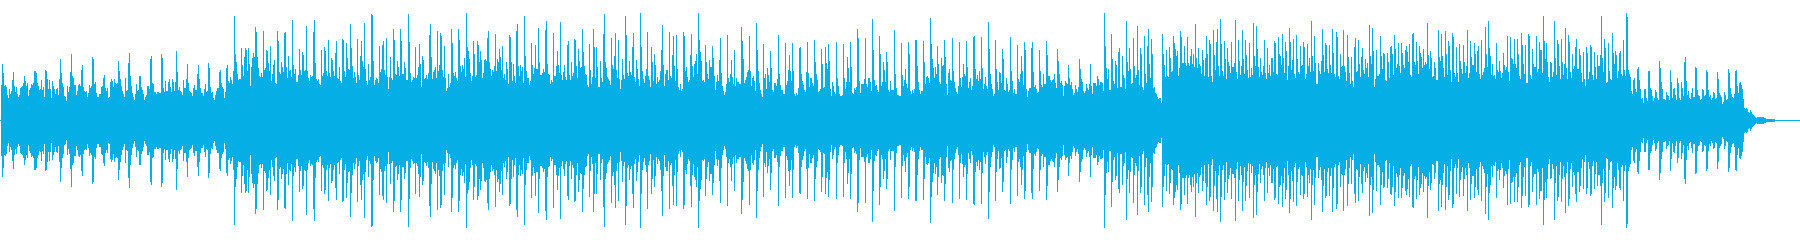 企業VPやVlog向けピアノ爽やかポップの再生済みの波形